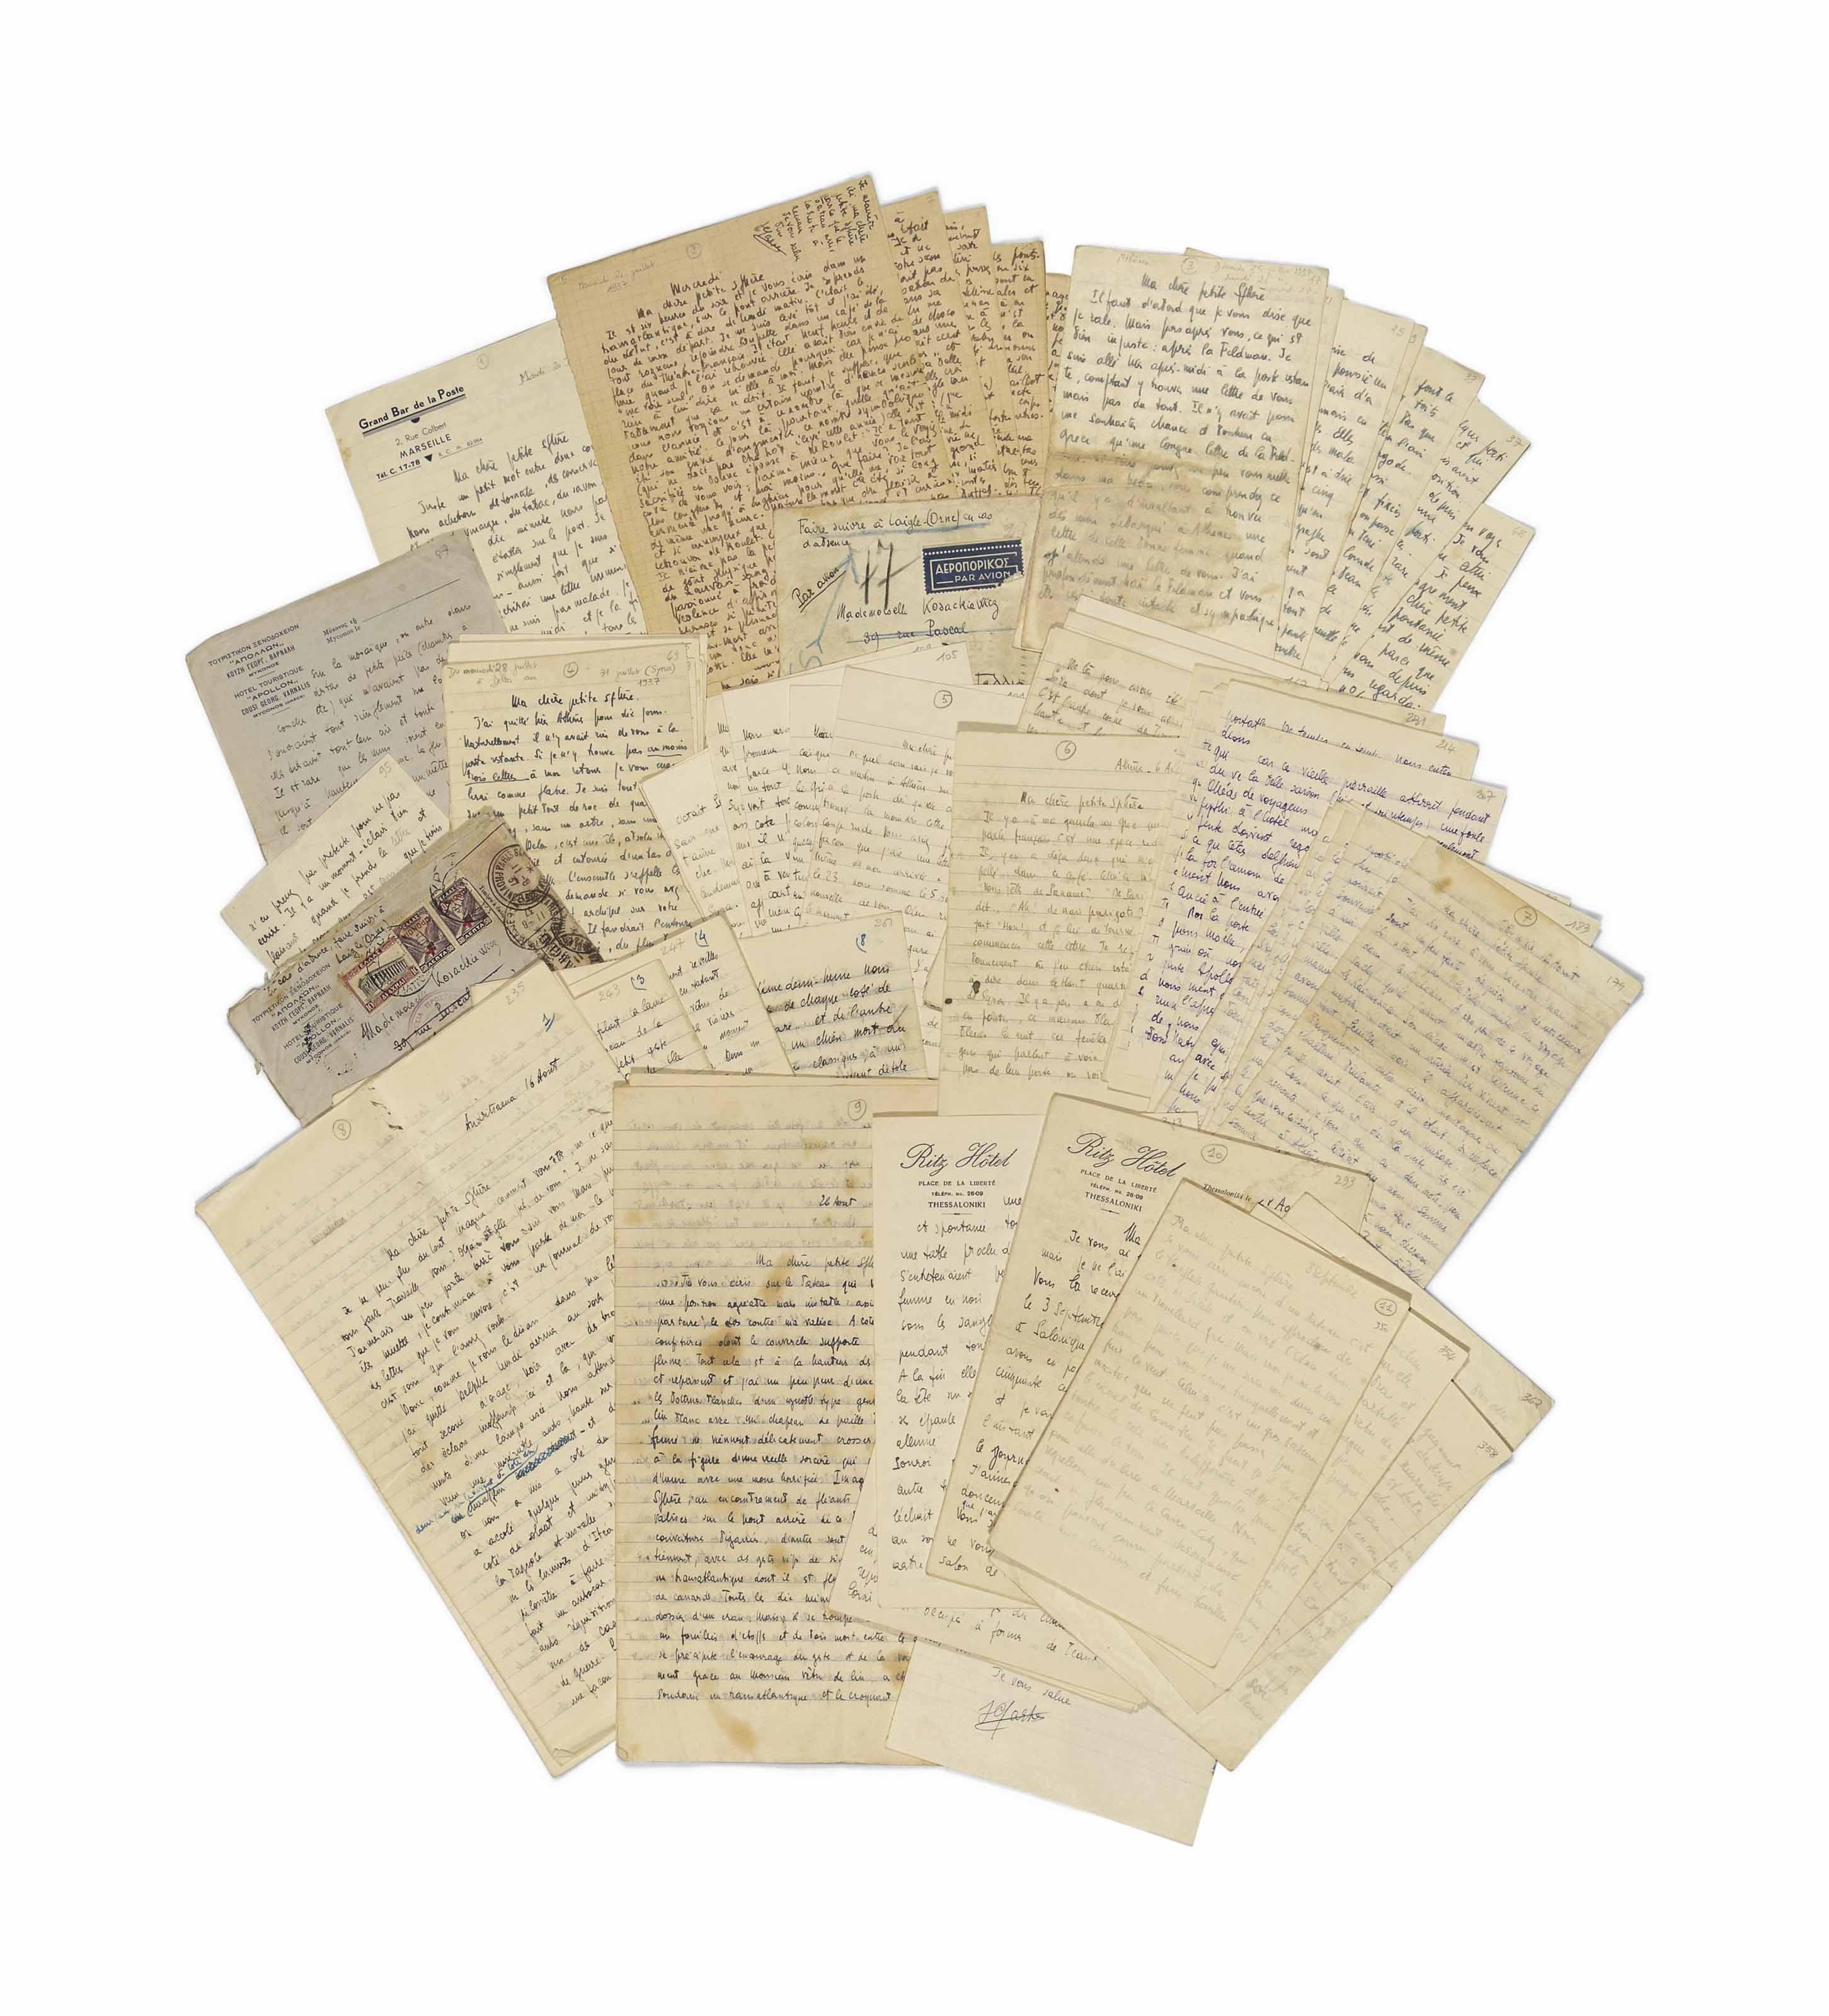 Jean-Paul SARTRE (1905-1980). Réunion de 11 très longues lettres autographes signées à Wanda Kosakiewicz, SU 20 juillet au 8 septembre 1937. 358 pages in-12 et in-4, la plupart in-12. Encres noire, bleue, violette ou turquoise et crayon sur papier ligné ou quadrillé. Trois enveloppes conservées. Datation ultérieure au crayon. (Rousseurs et mouillures affectant quelques lettres.)